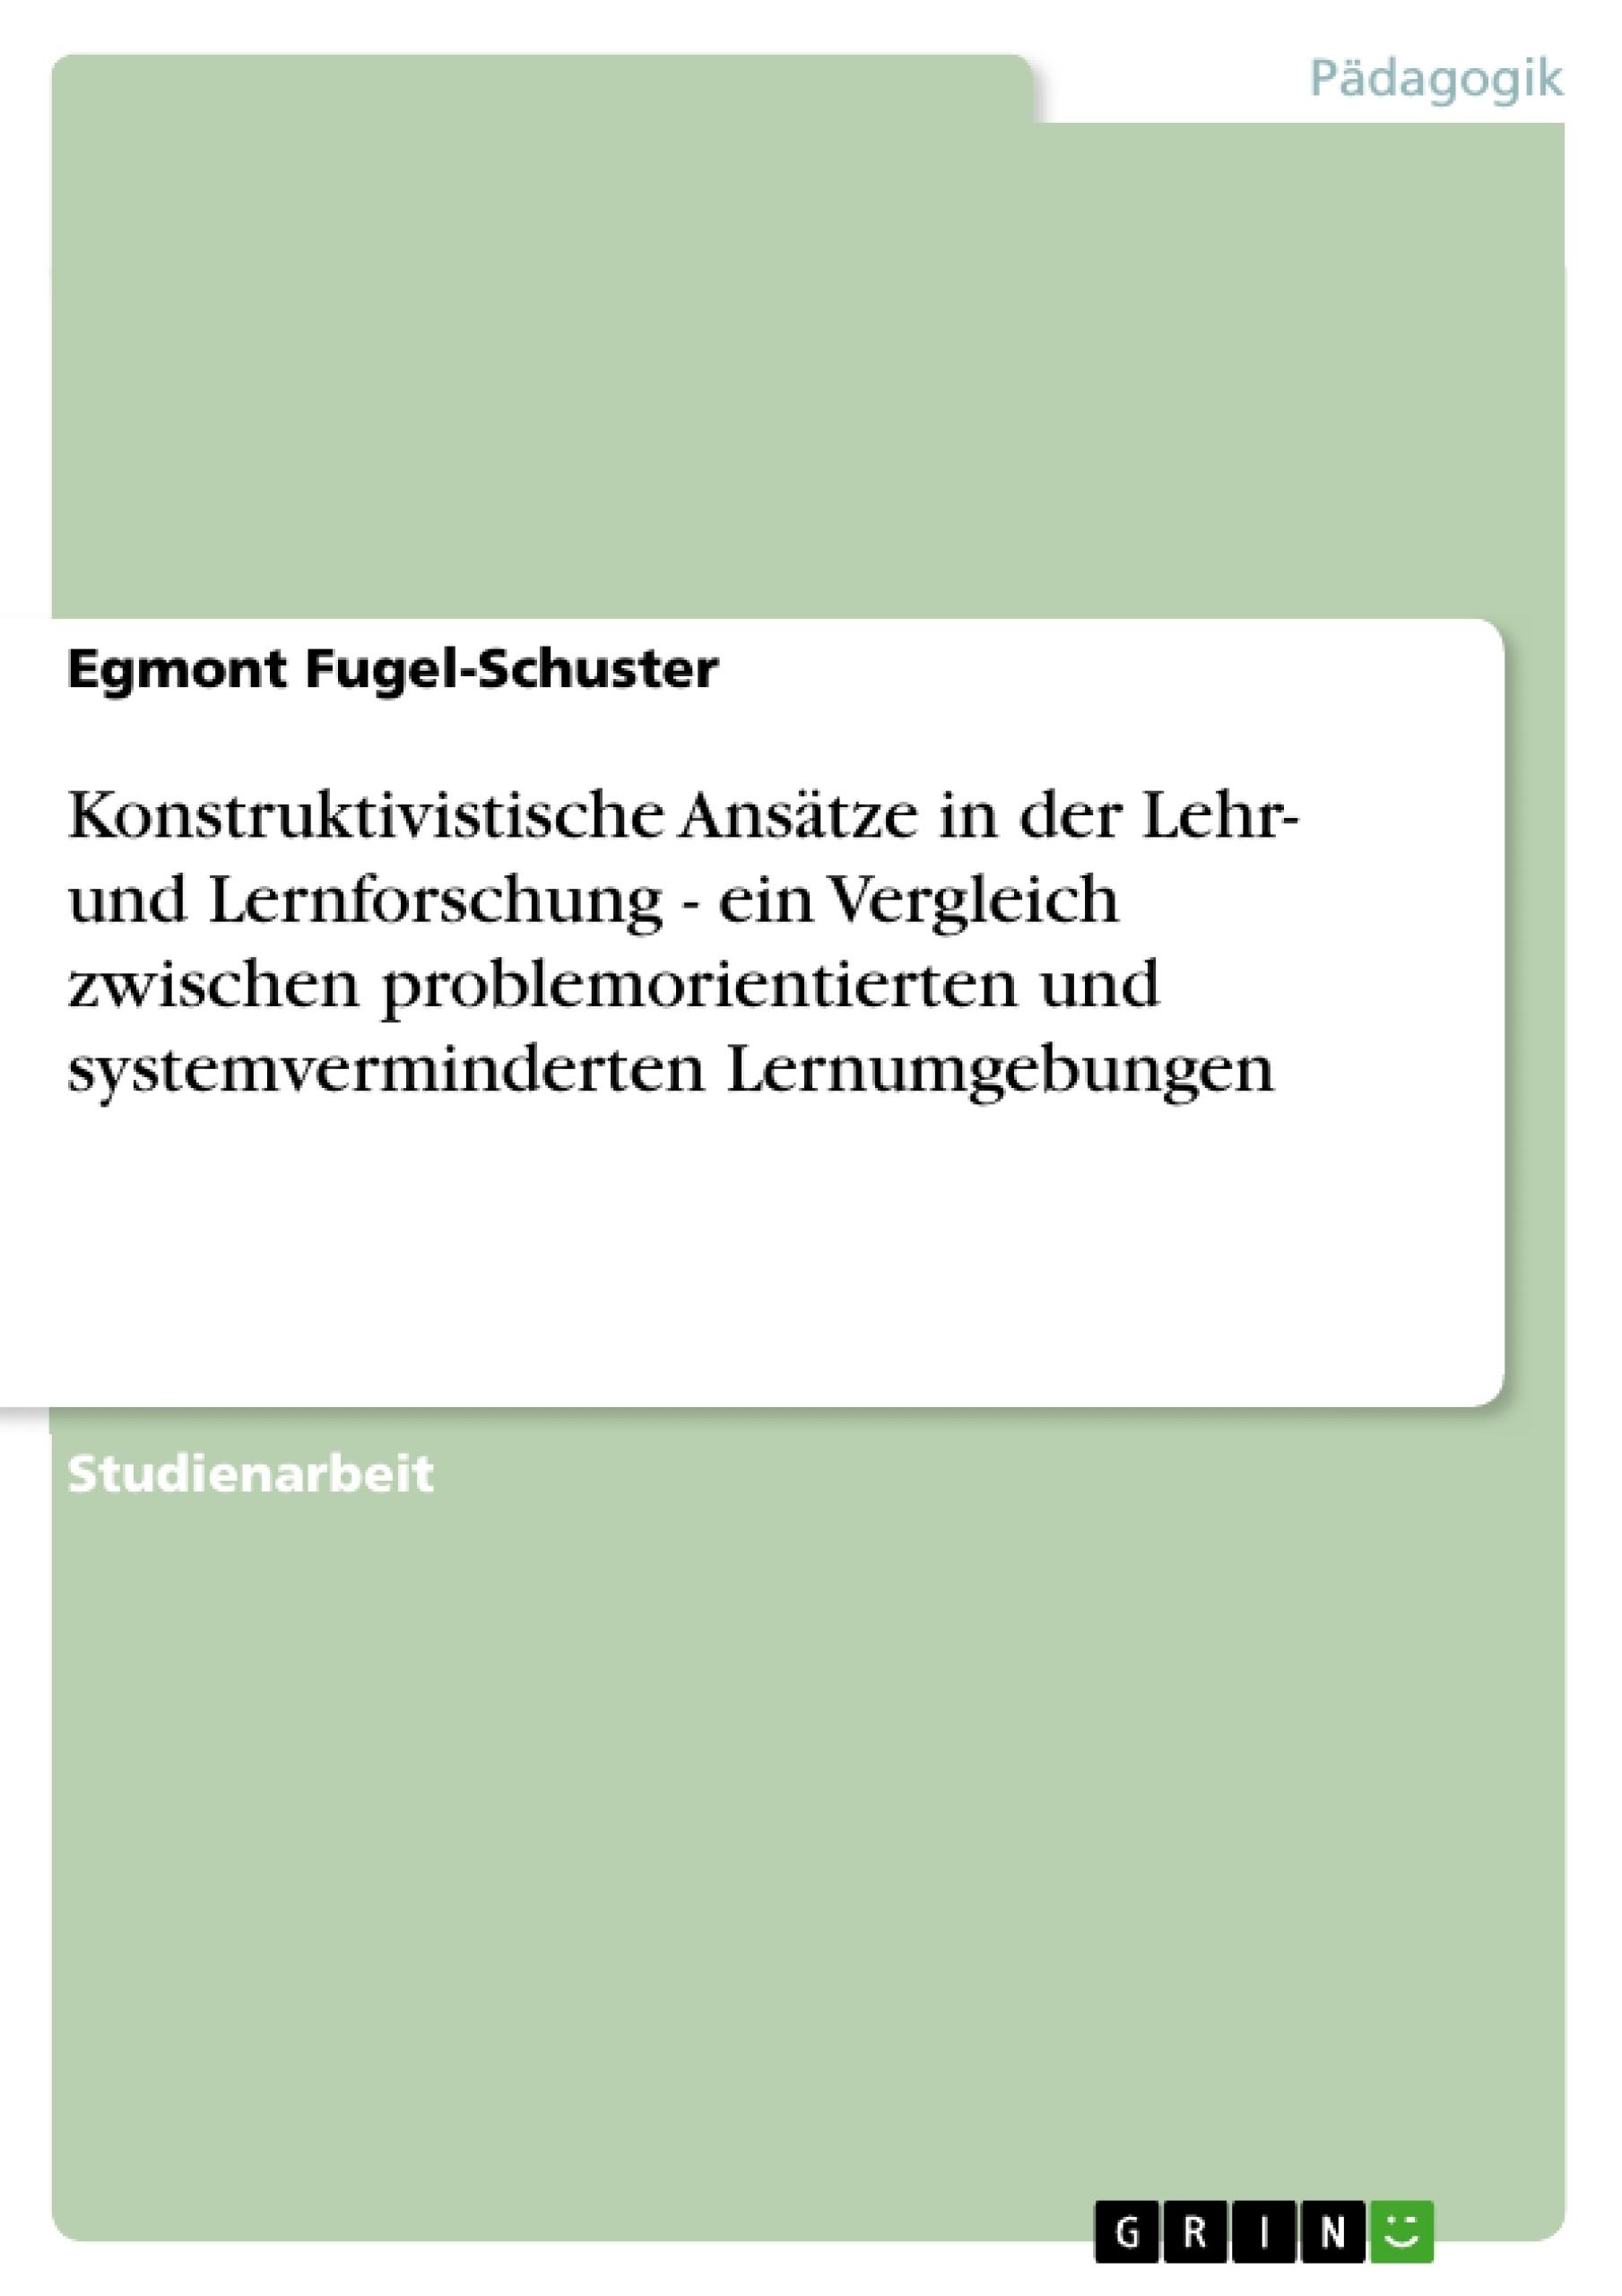 Titel: Konstruktivistische Ansätze in der Lehr- und Lernforschung - ein Vergleich zwischen problemorientierten und systemverminderten Lernumgebungen